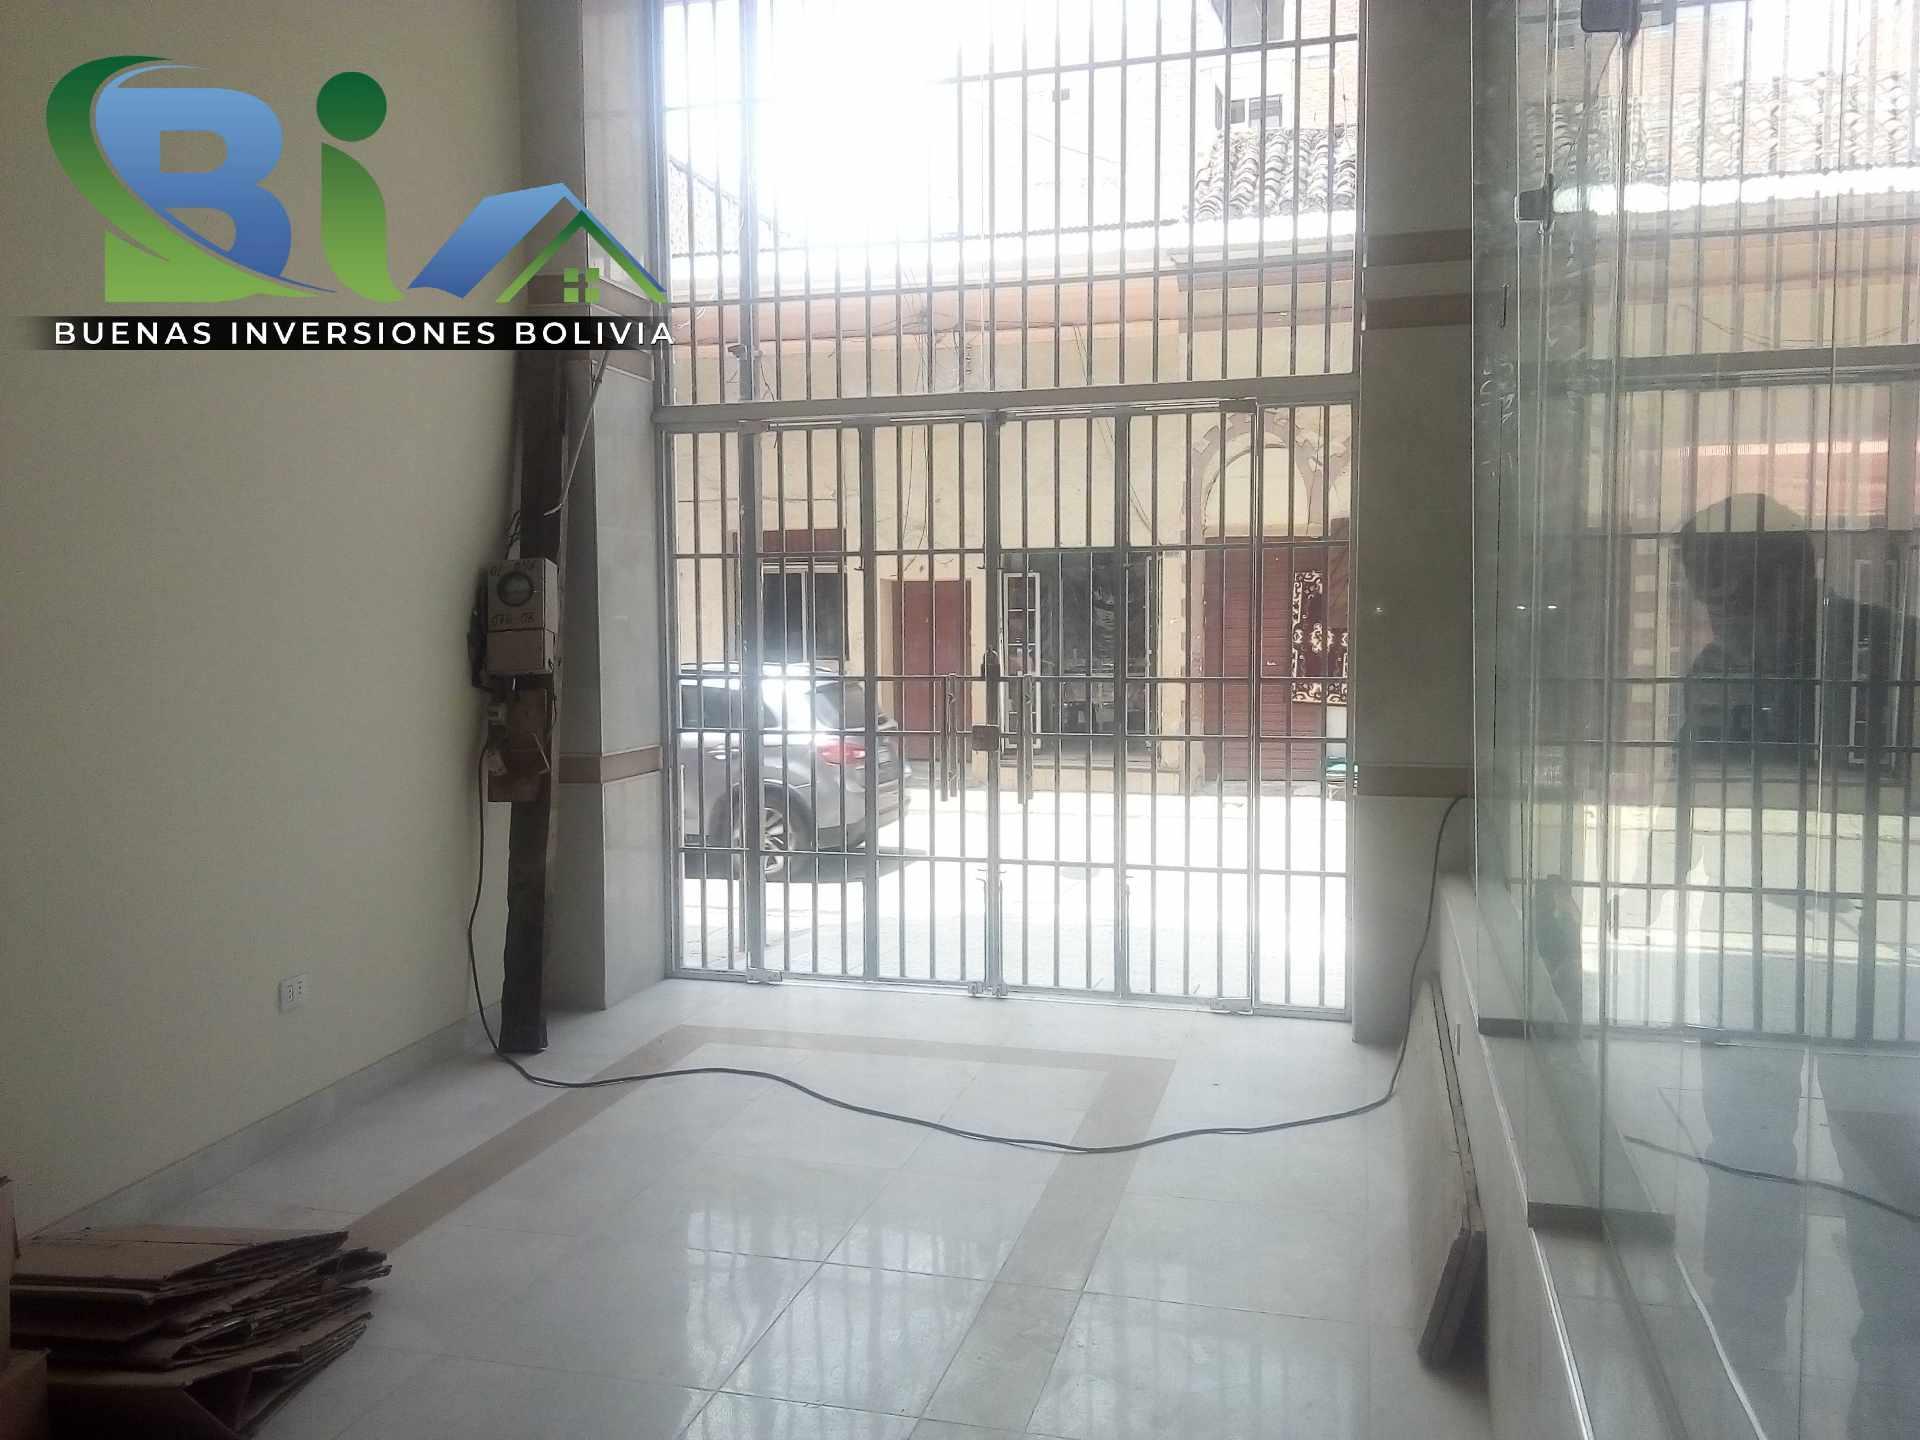 Local comercial en Alquiler Bs.2.500.- ALQUILER LOCAL COMERCIAL+BAÑO PRIVADO CALLE ESTEBAN ARCE Foto 1